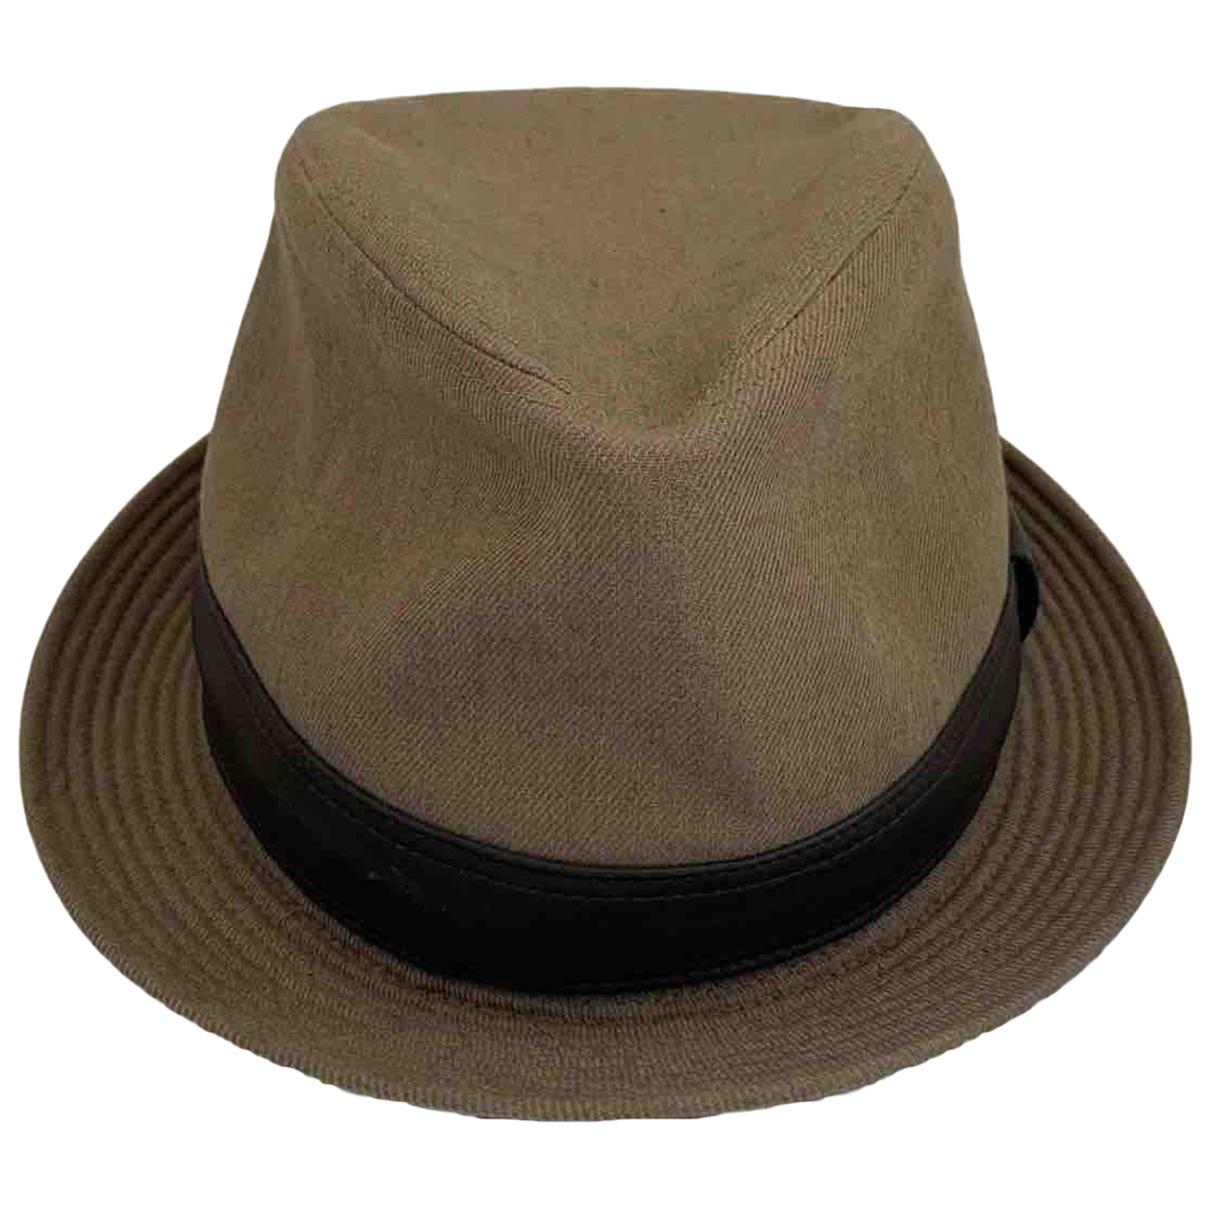 Hermès N Khaki Linen hat & pull on hat for Men 60 cm